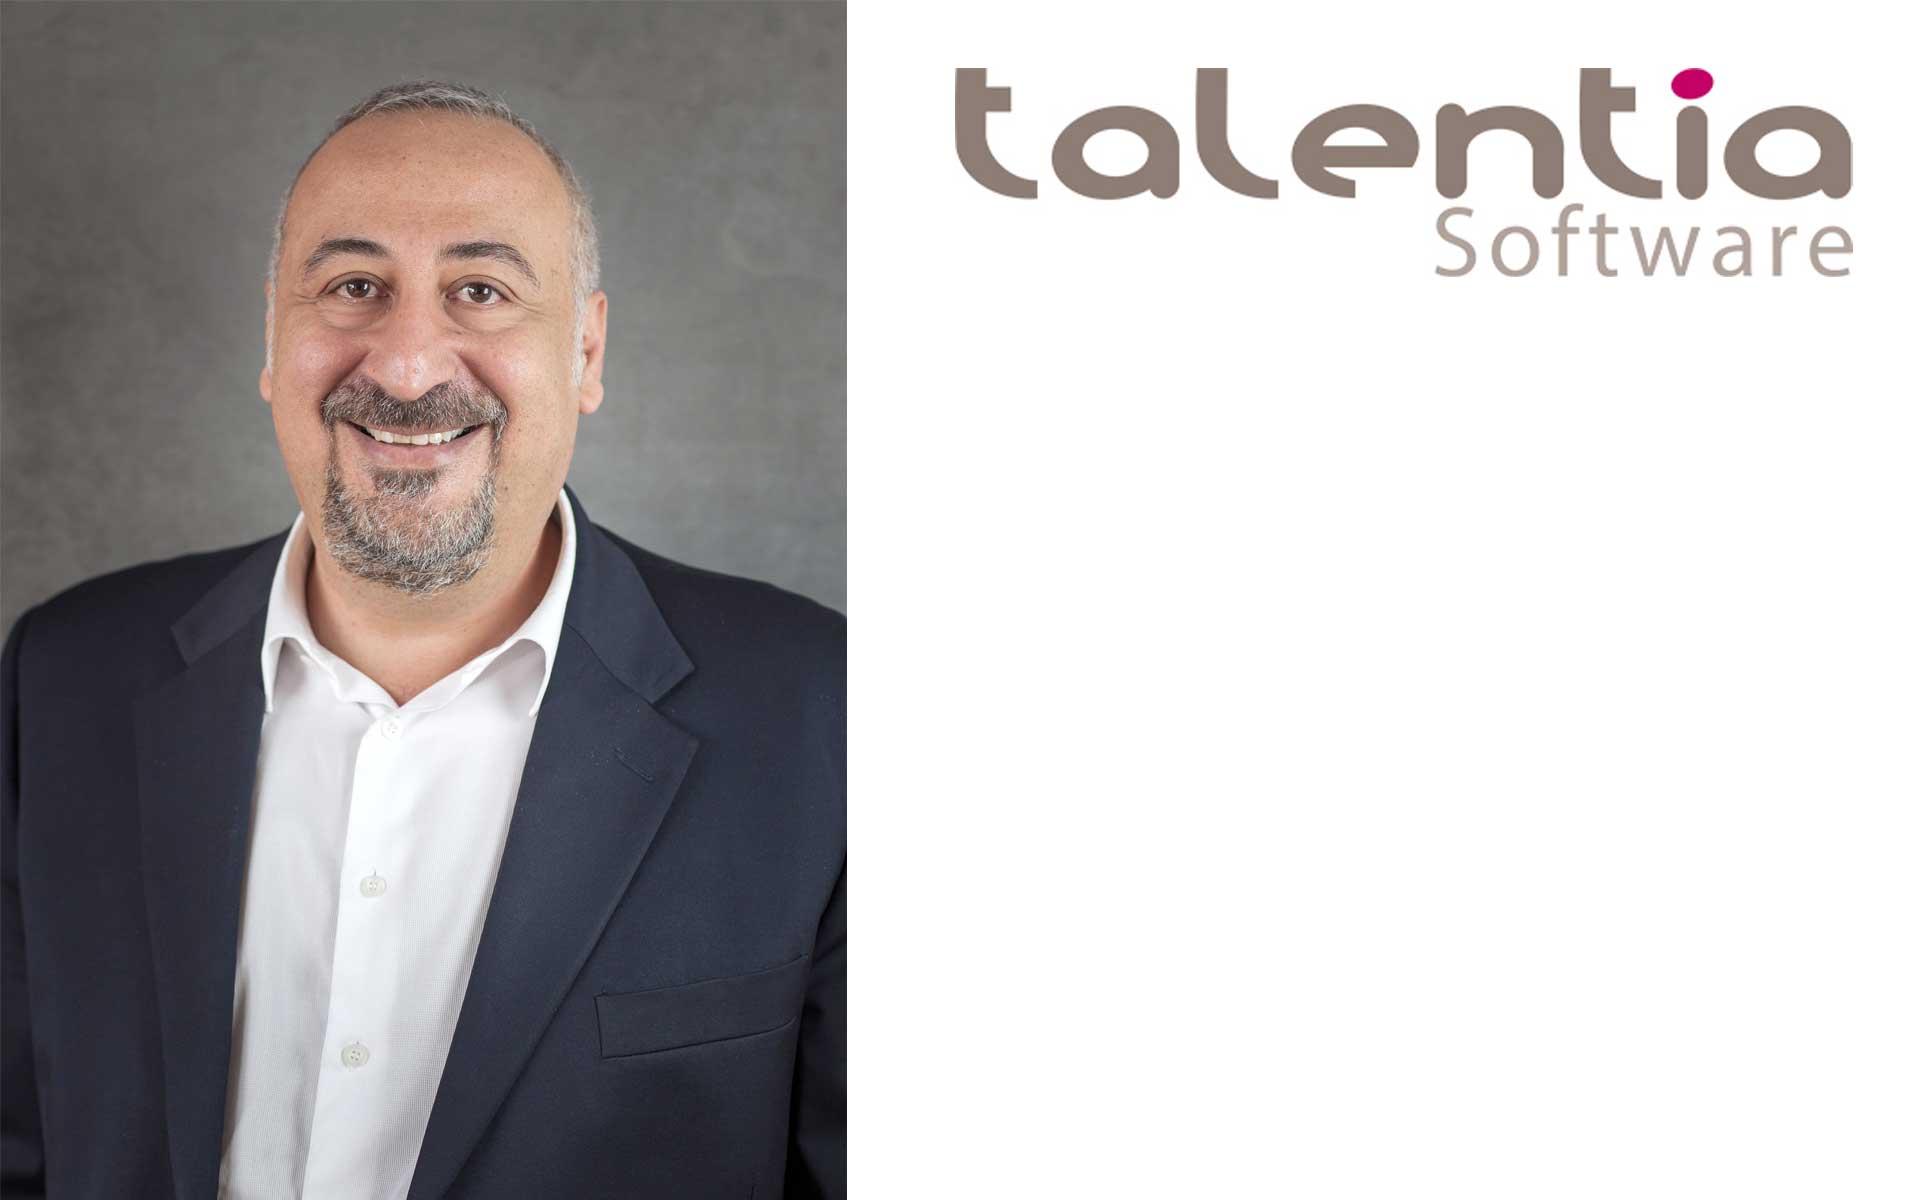 Talentia Software reconocido como Solid Performer en el informe Fosway 9-Grid™ 2016 tras la valoración positiva de sus clientes